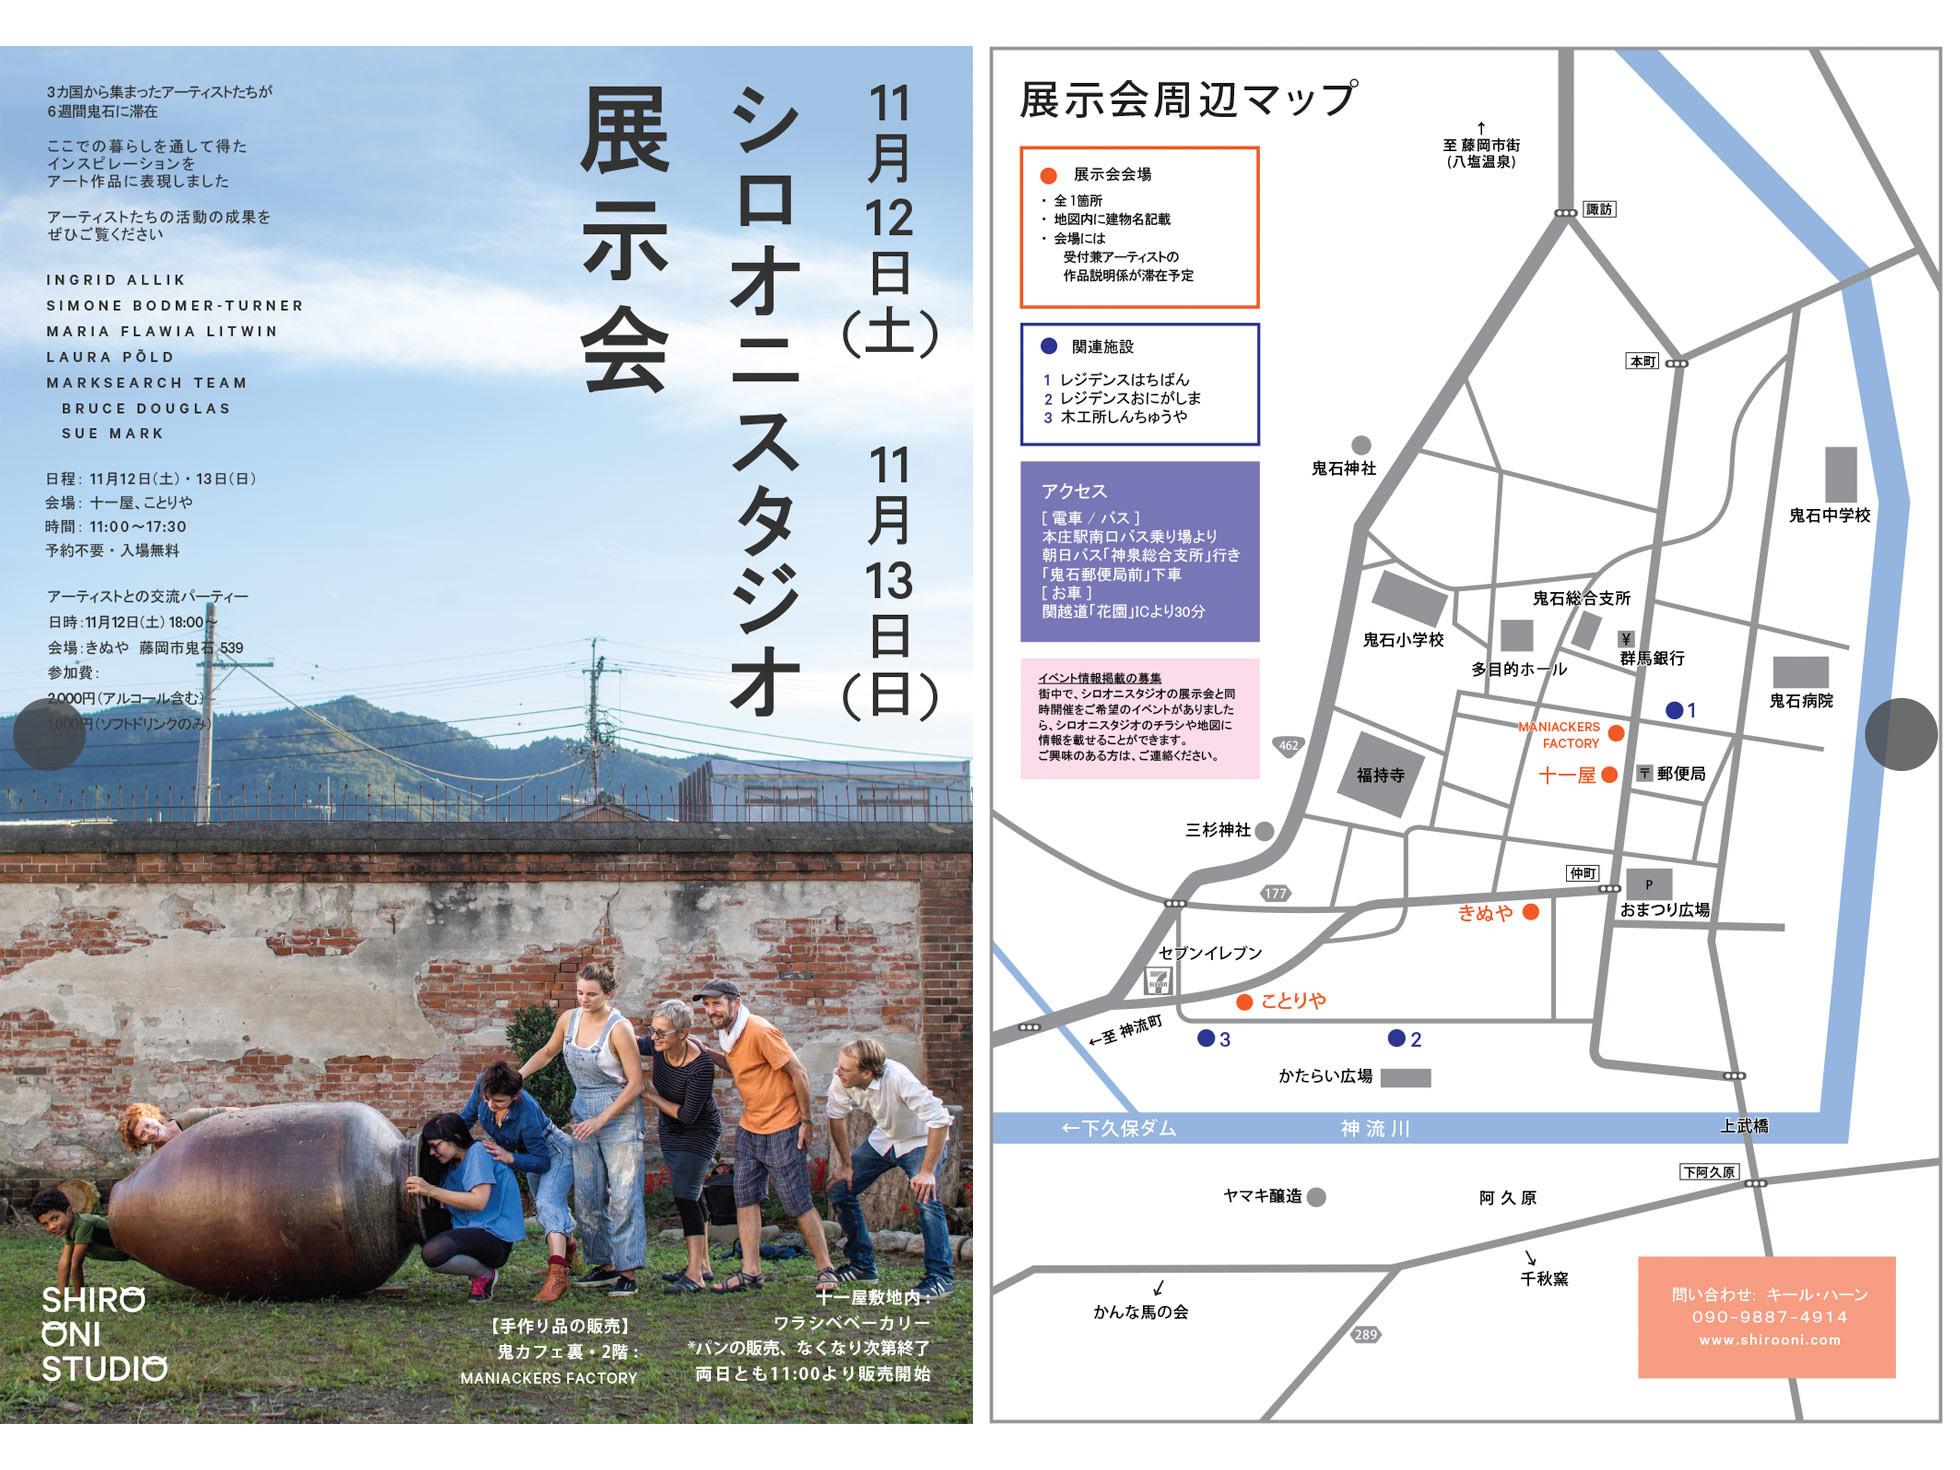 Anagama kiln firing kjell hahn, laura pold, Marksearch, Japan 2016